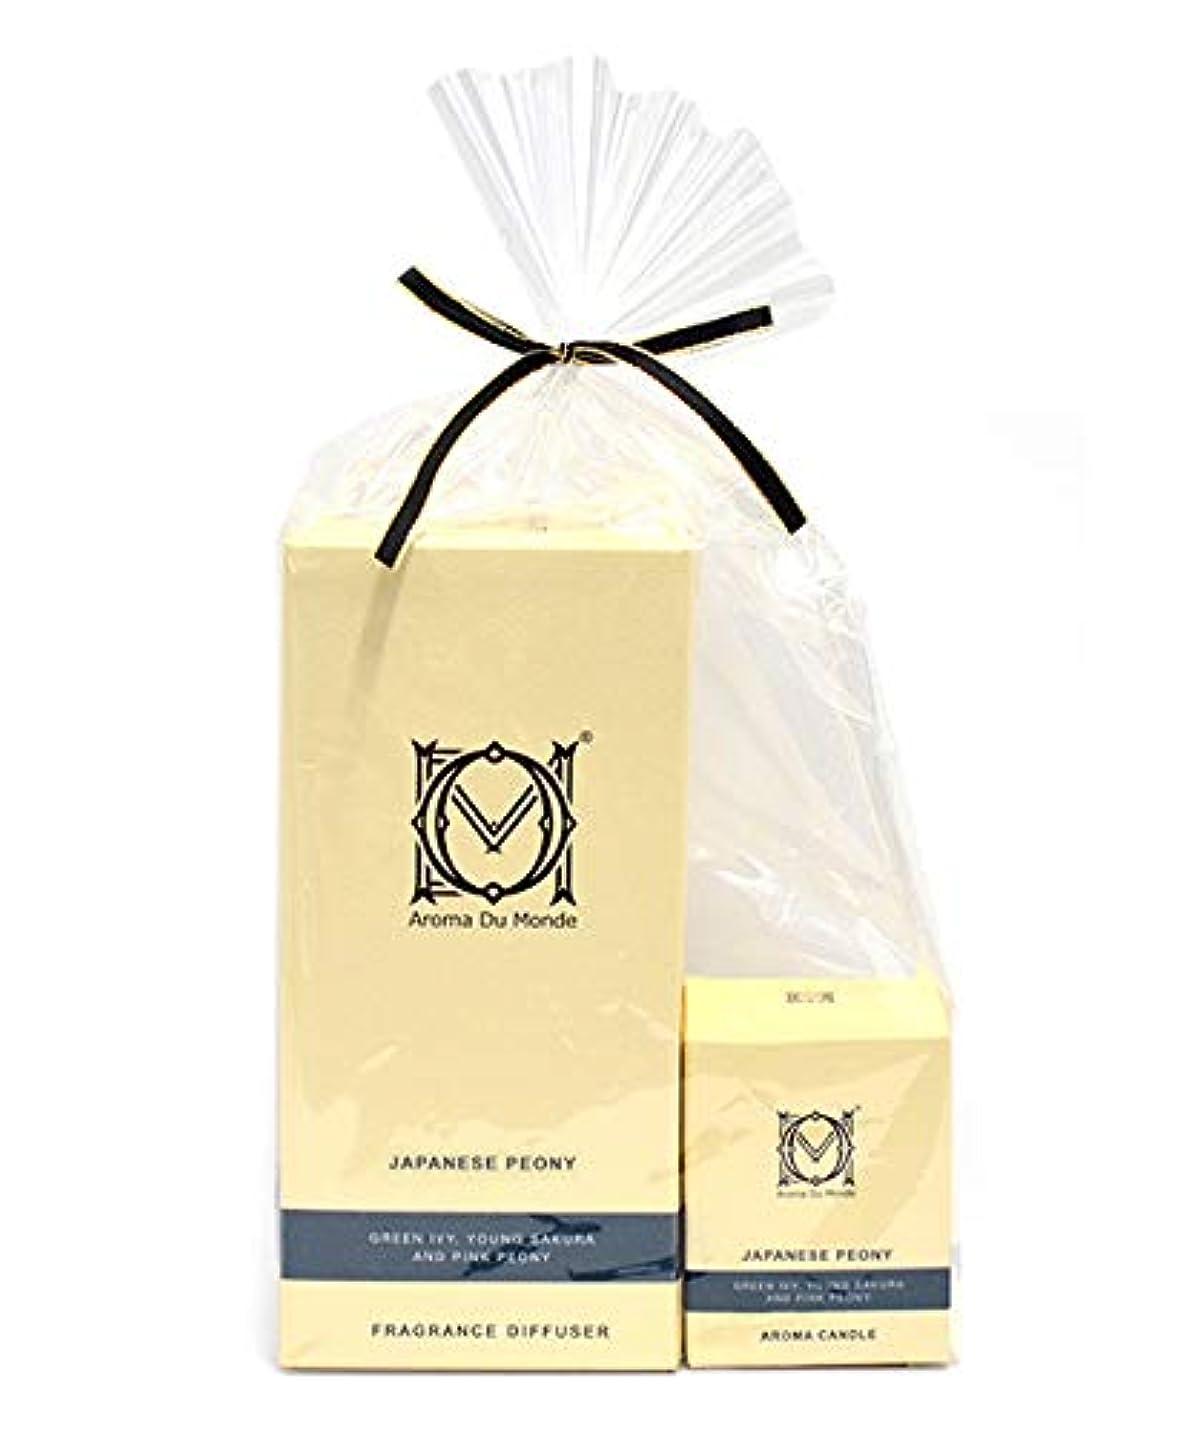 中級滞在叱るフレグランスディフューザー&キャンドル JPピオニー セット Aroma Du Monde/ADM Fragrance Diffuser & Candle Japanese Peony Set 81158